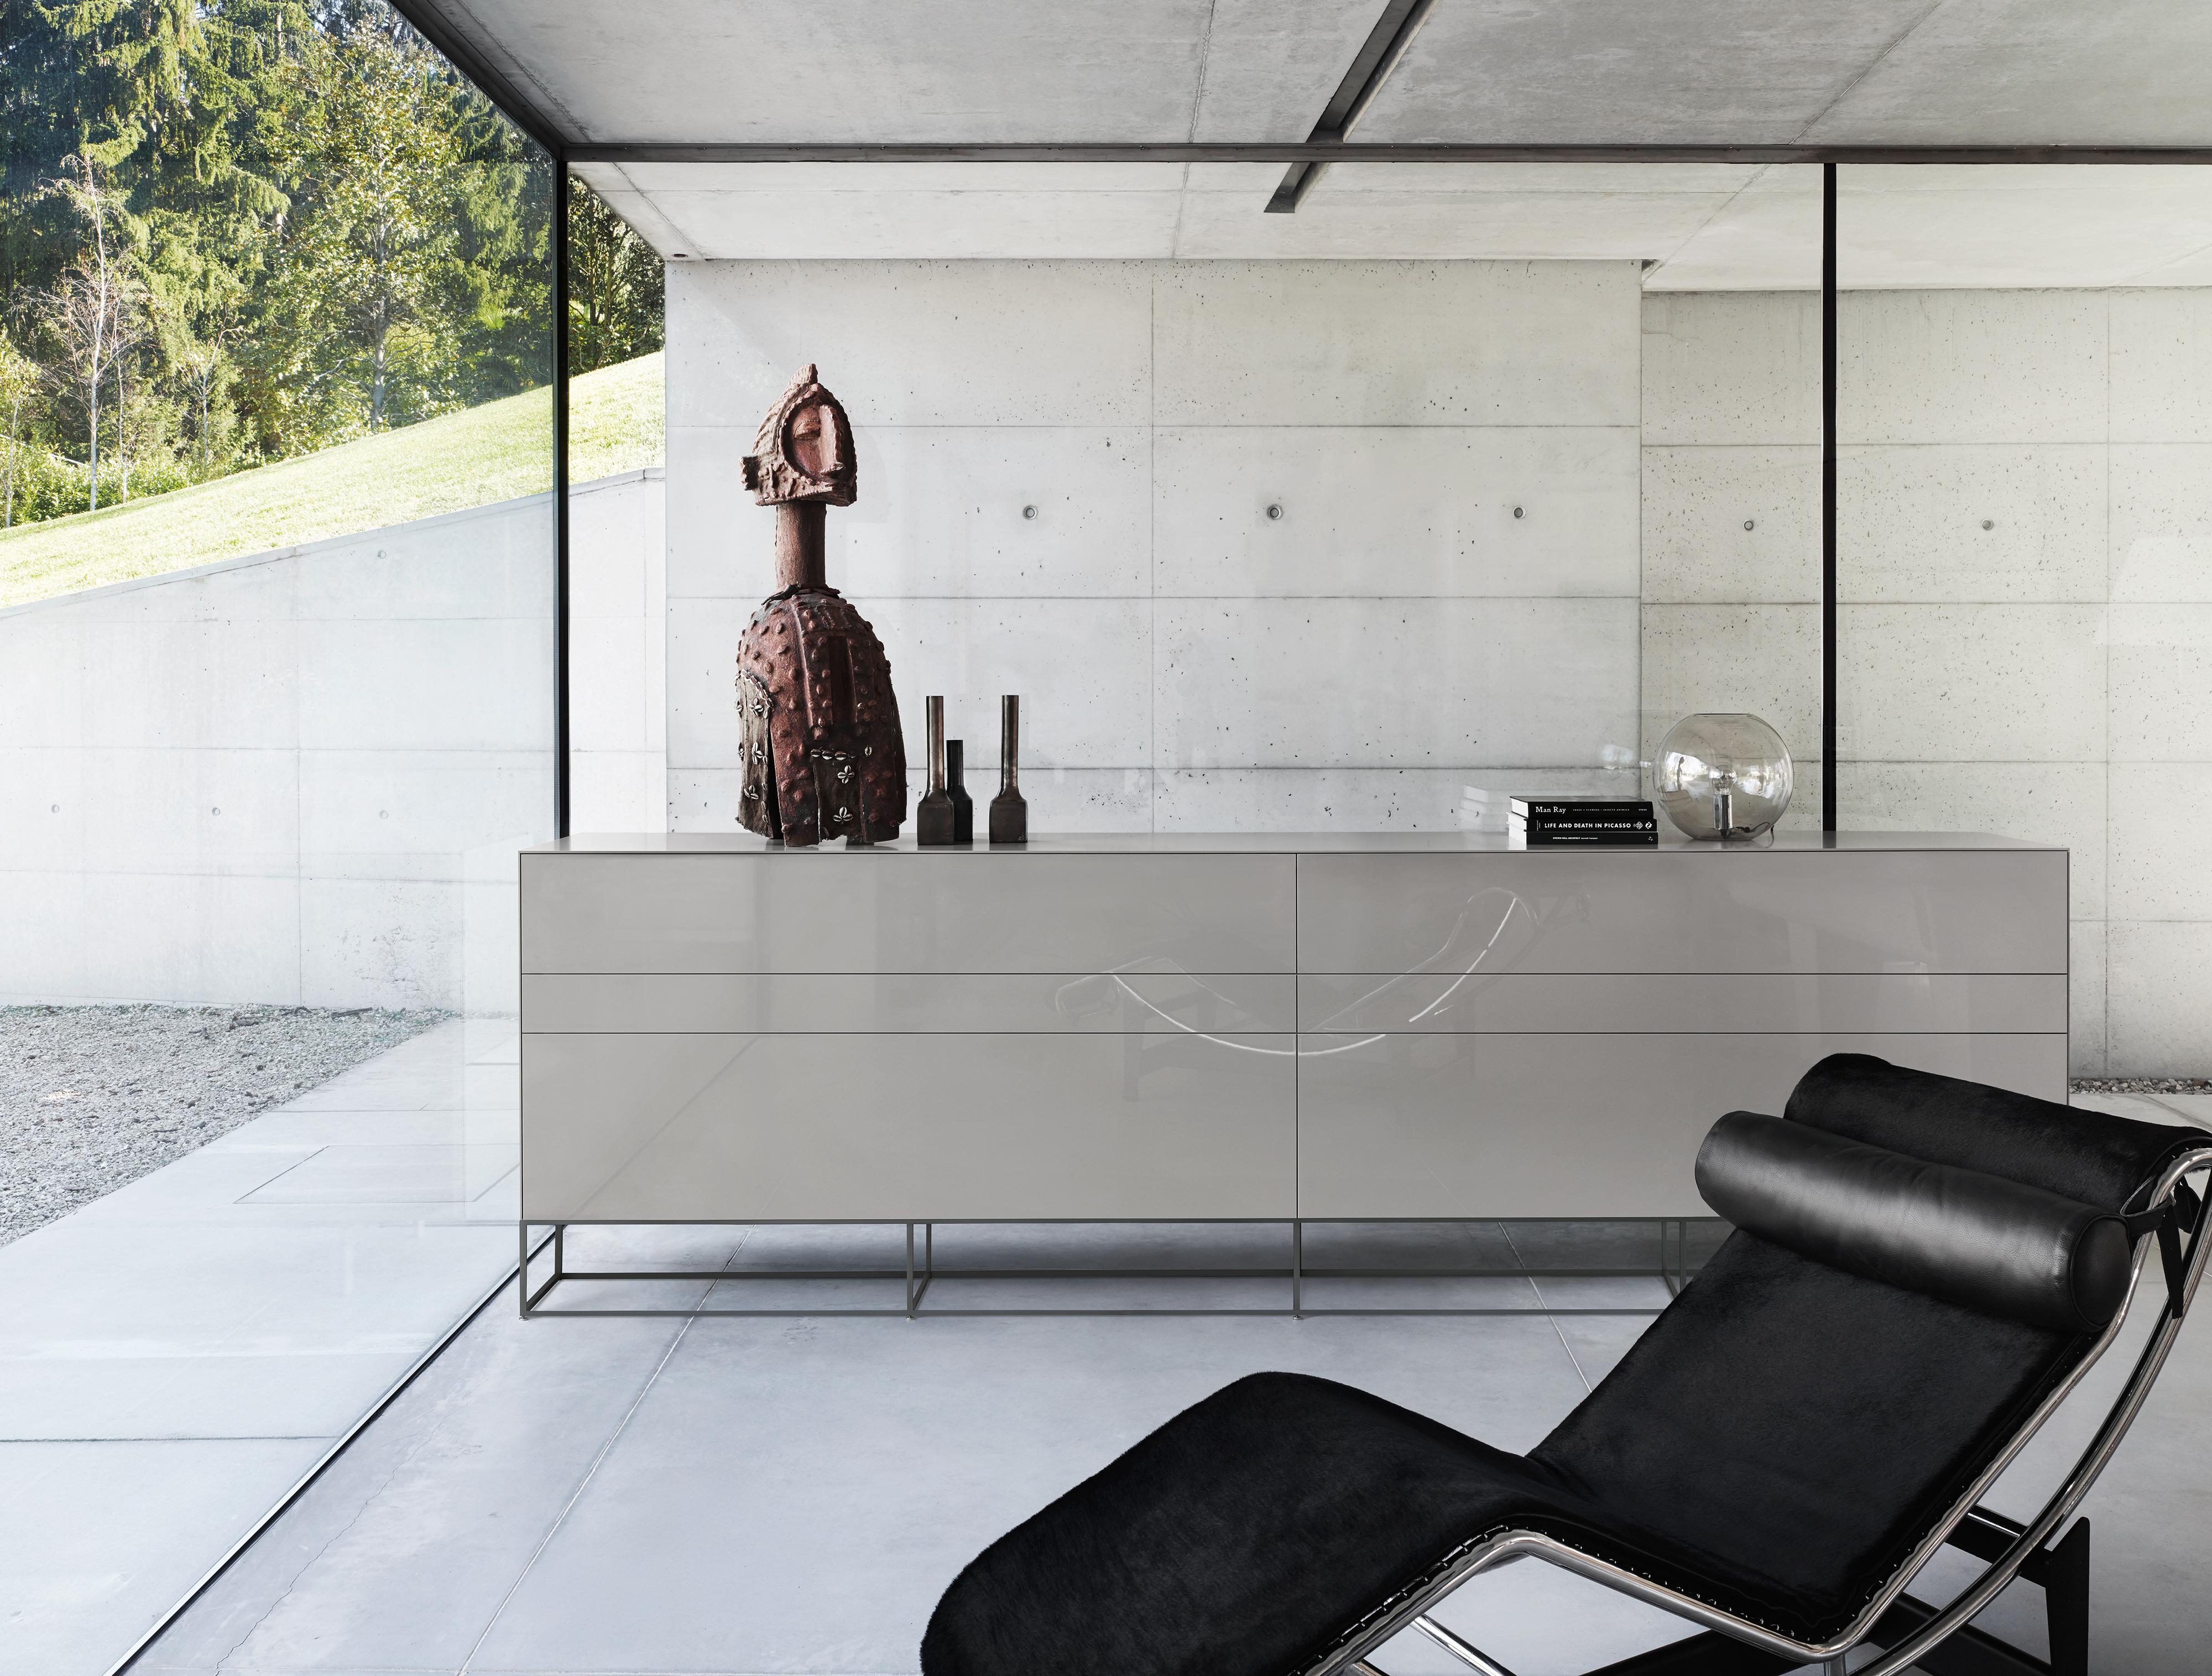 Großartig Küchenkonsolentisch Ideen - Küche Set Ideen ...